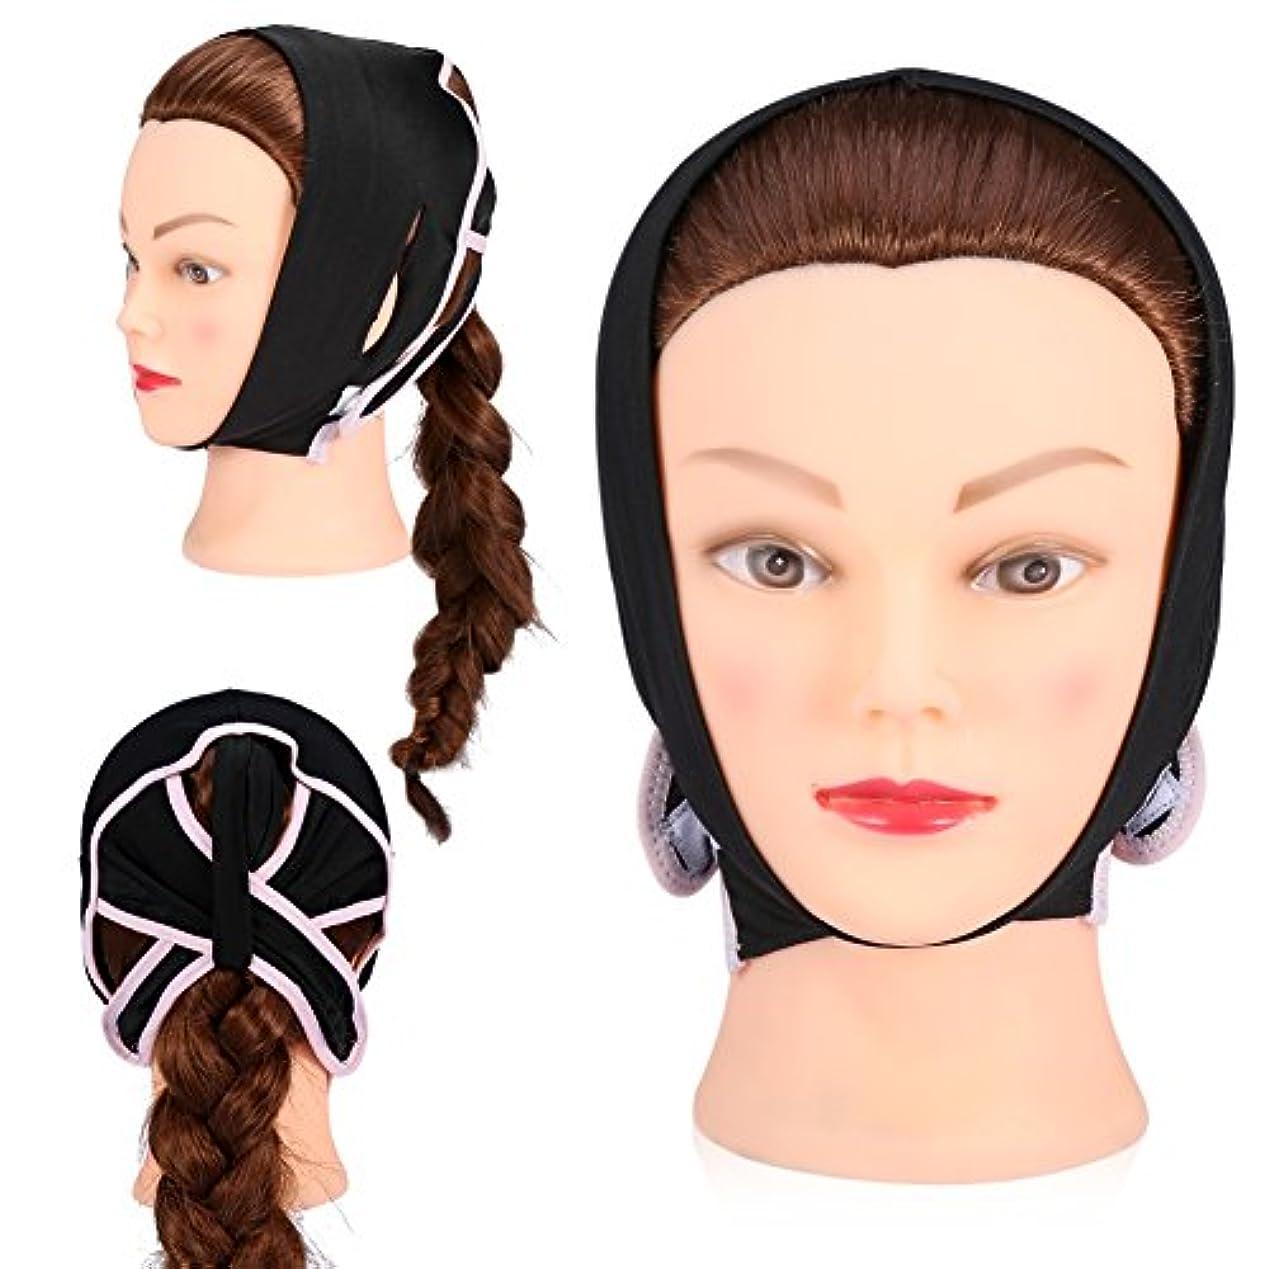 力たぶん期間フェイスケアのための顔面V字型包帯フェイシャルスリミングマスク薄い首のフェイスリフトダブルチン女性用、黒(L)